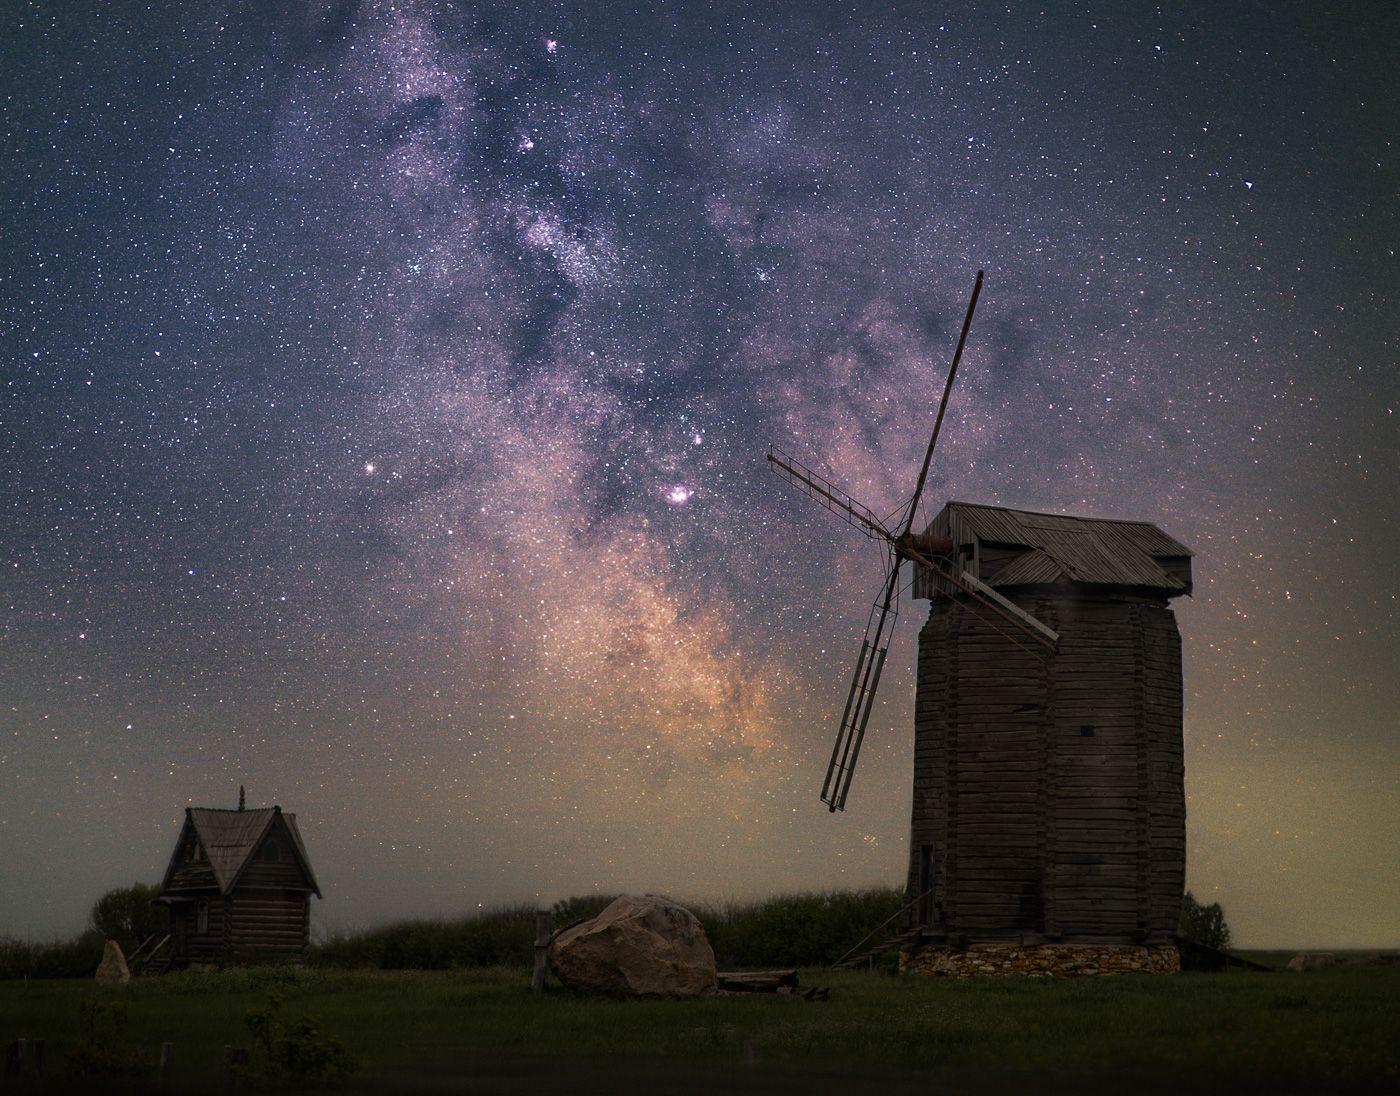 astrophoto, milky way, night, ночь, млечный путь, пейзаж, мельница, mill, Юденков Алексей